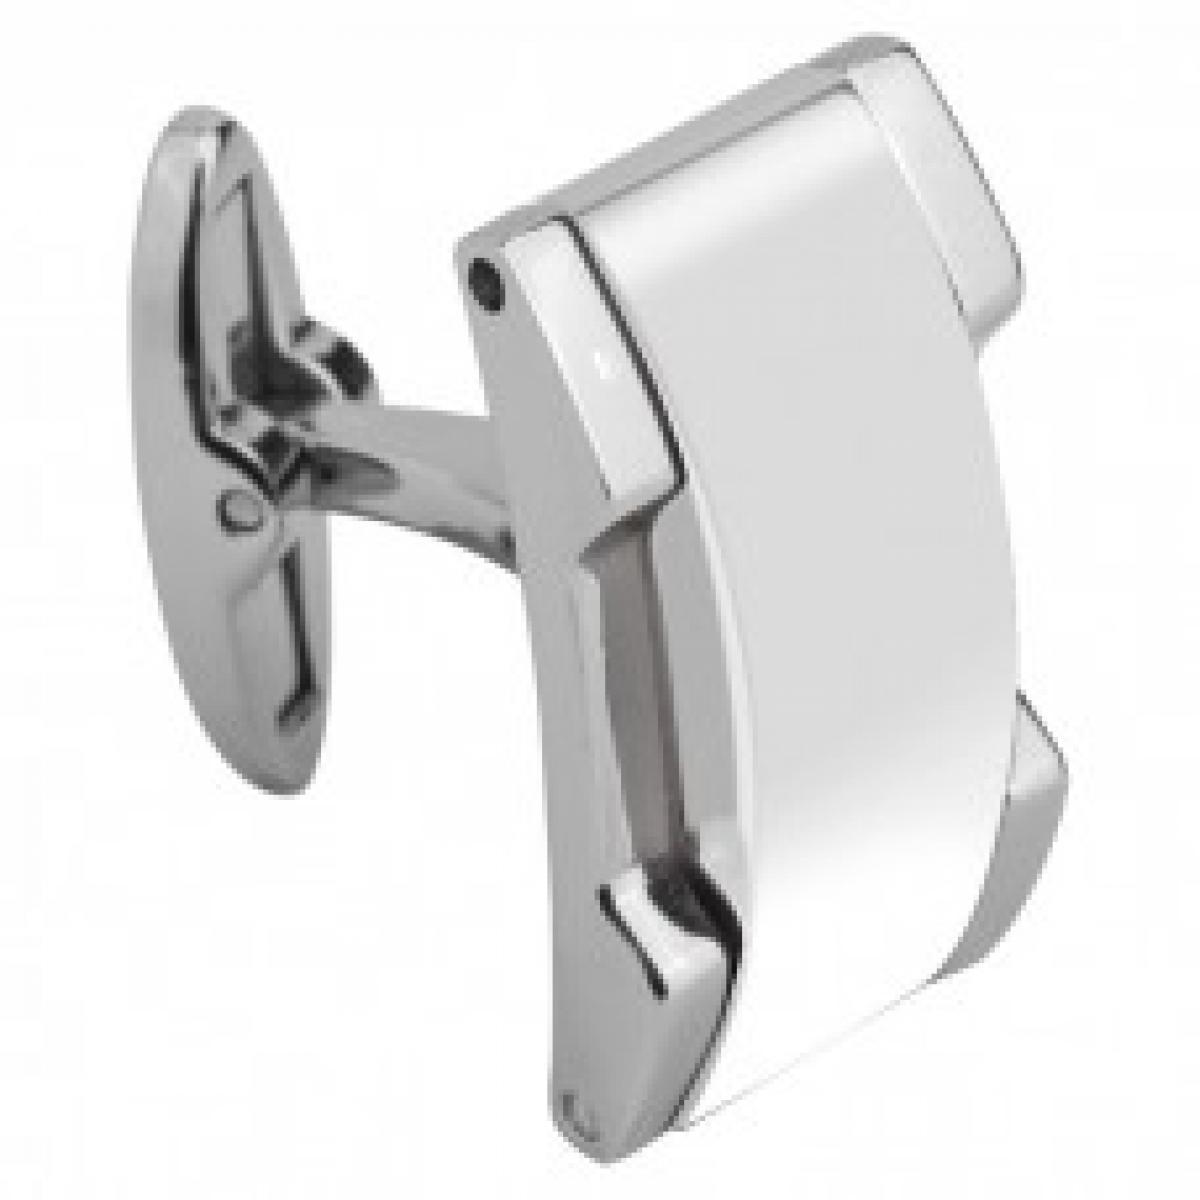 Promo : Boutons de manchette Rochet M441182 - Acier Ceramique MING Blanc Brillant Homme